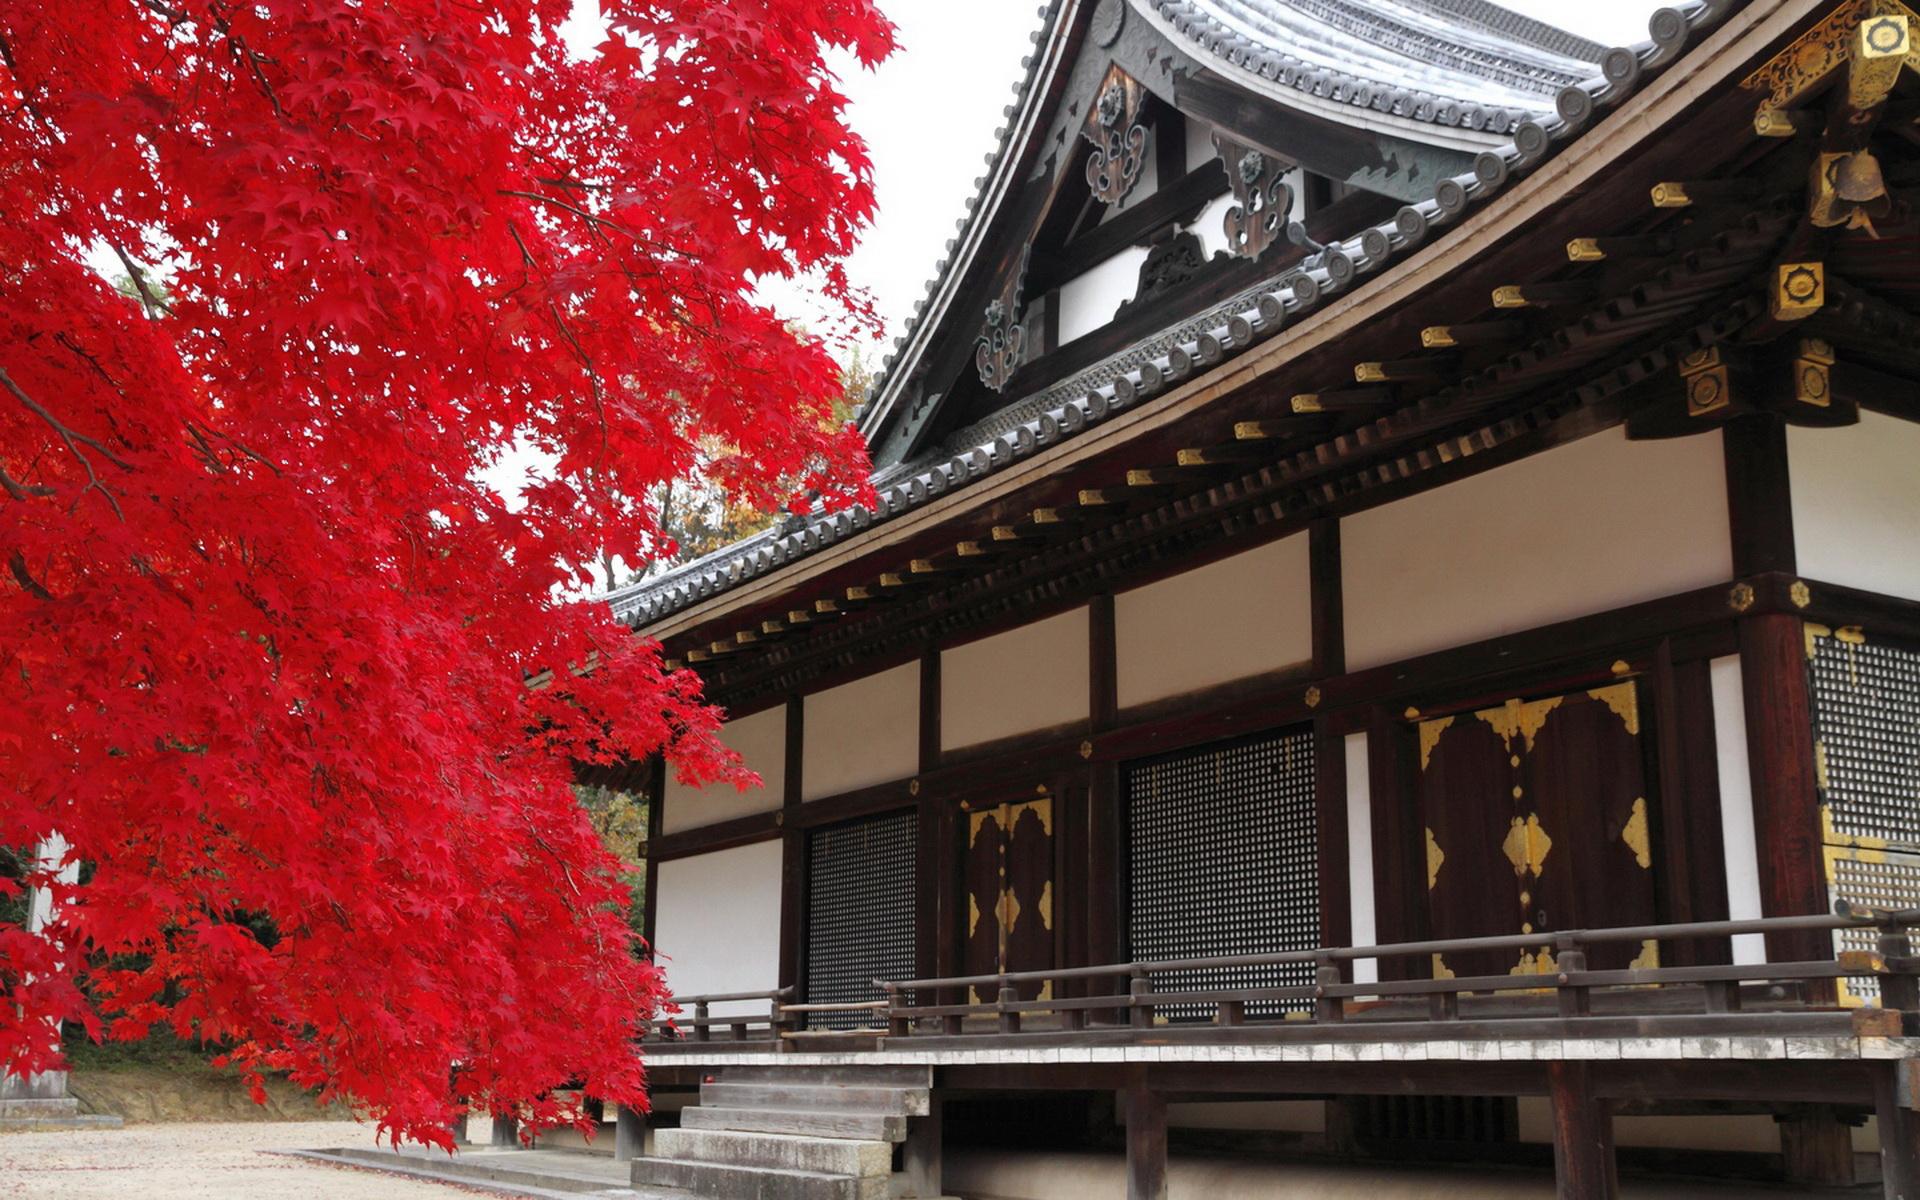 中国 壁纸 红叶/日本红叶...